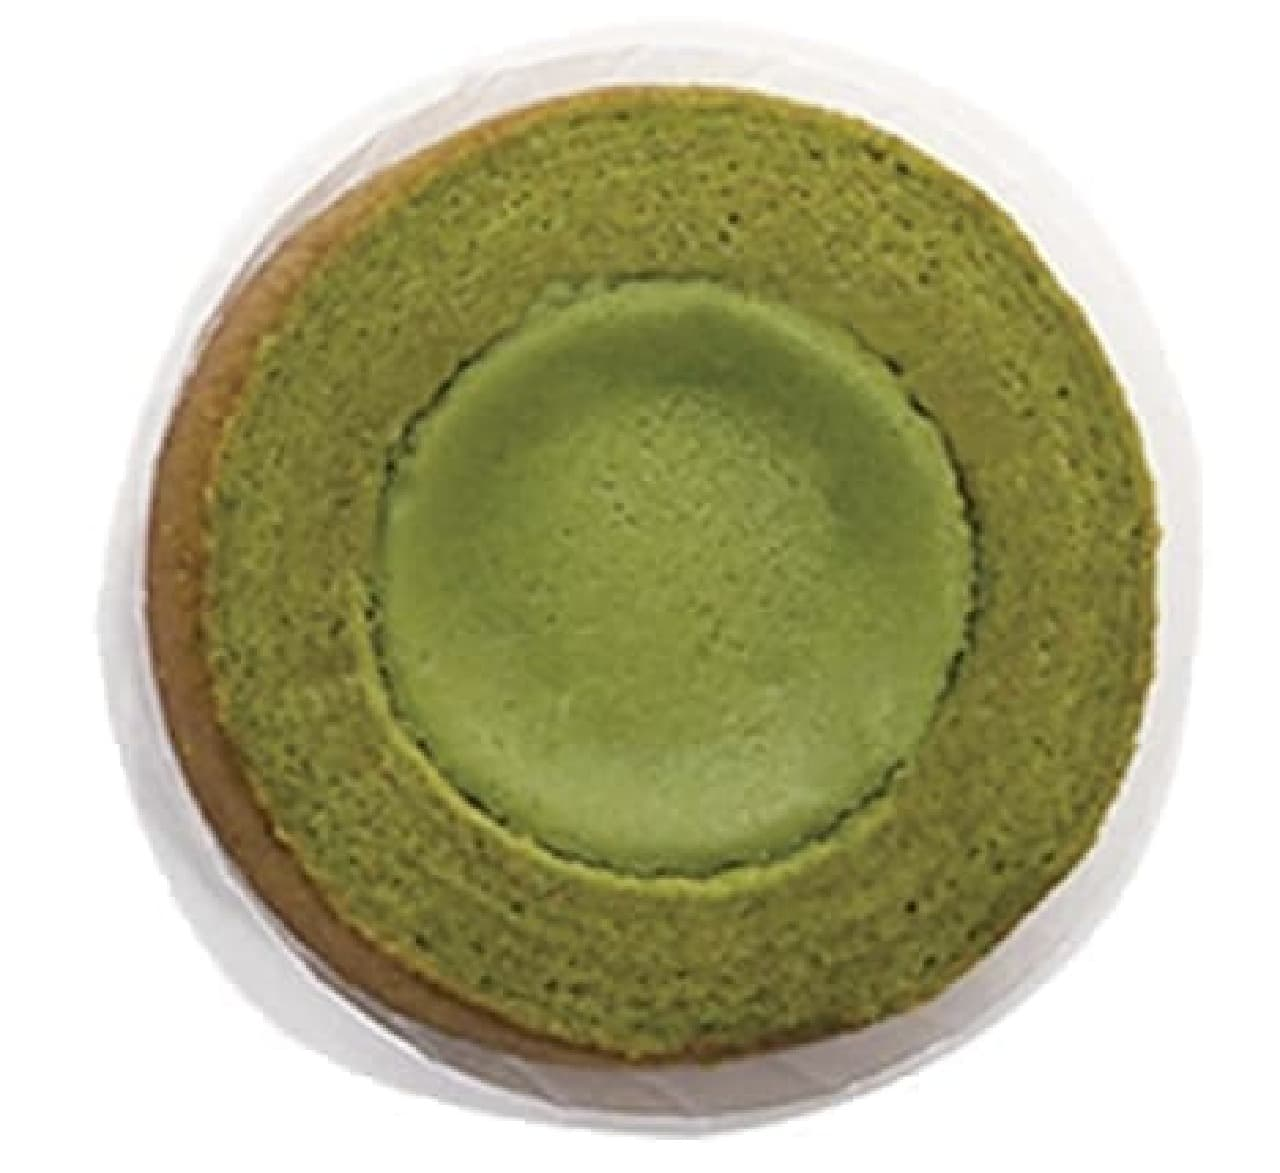 ファミリーマート「旨み抹茶チーズケーキバウム」